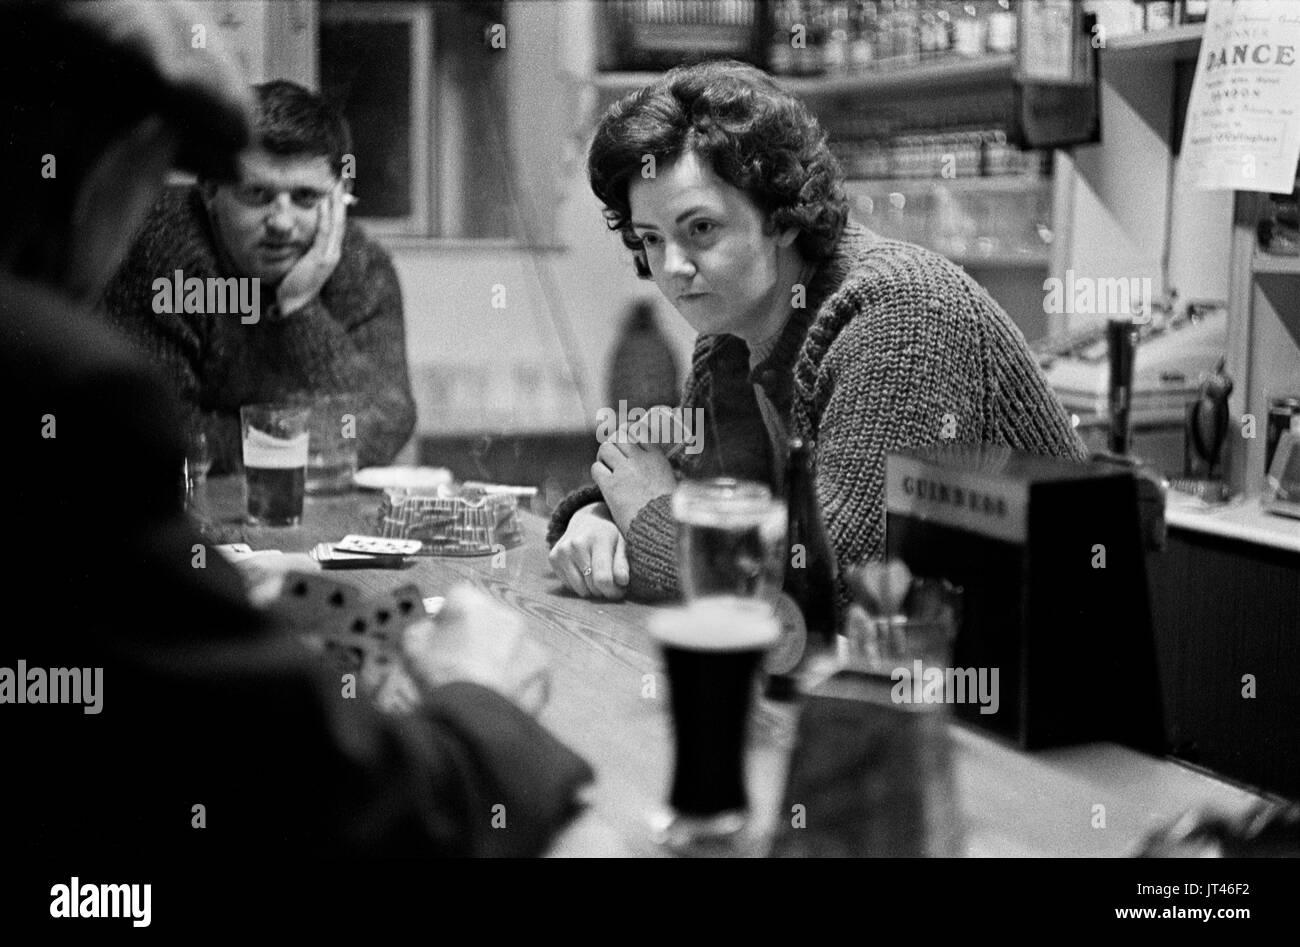 La costa oeste de Irlanda grupo de personas jugando a las cartas en el Pub Village, dueña jugando a las cartas con los clientes amistad la vida diaria de la Comunidad 1969 1960 Homero SYKES Imagen De Stock